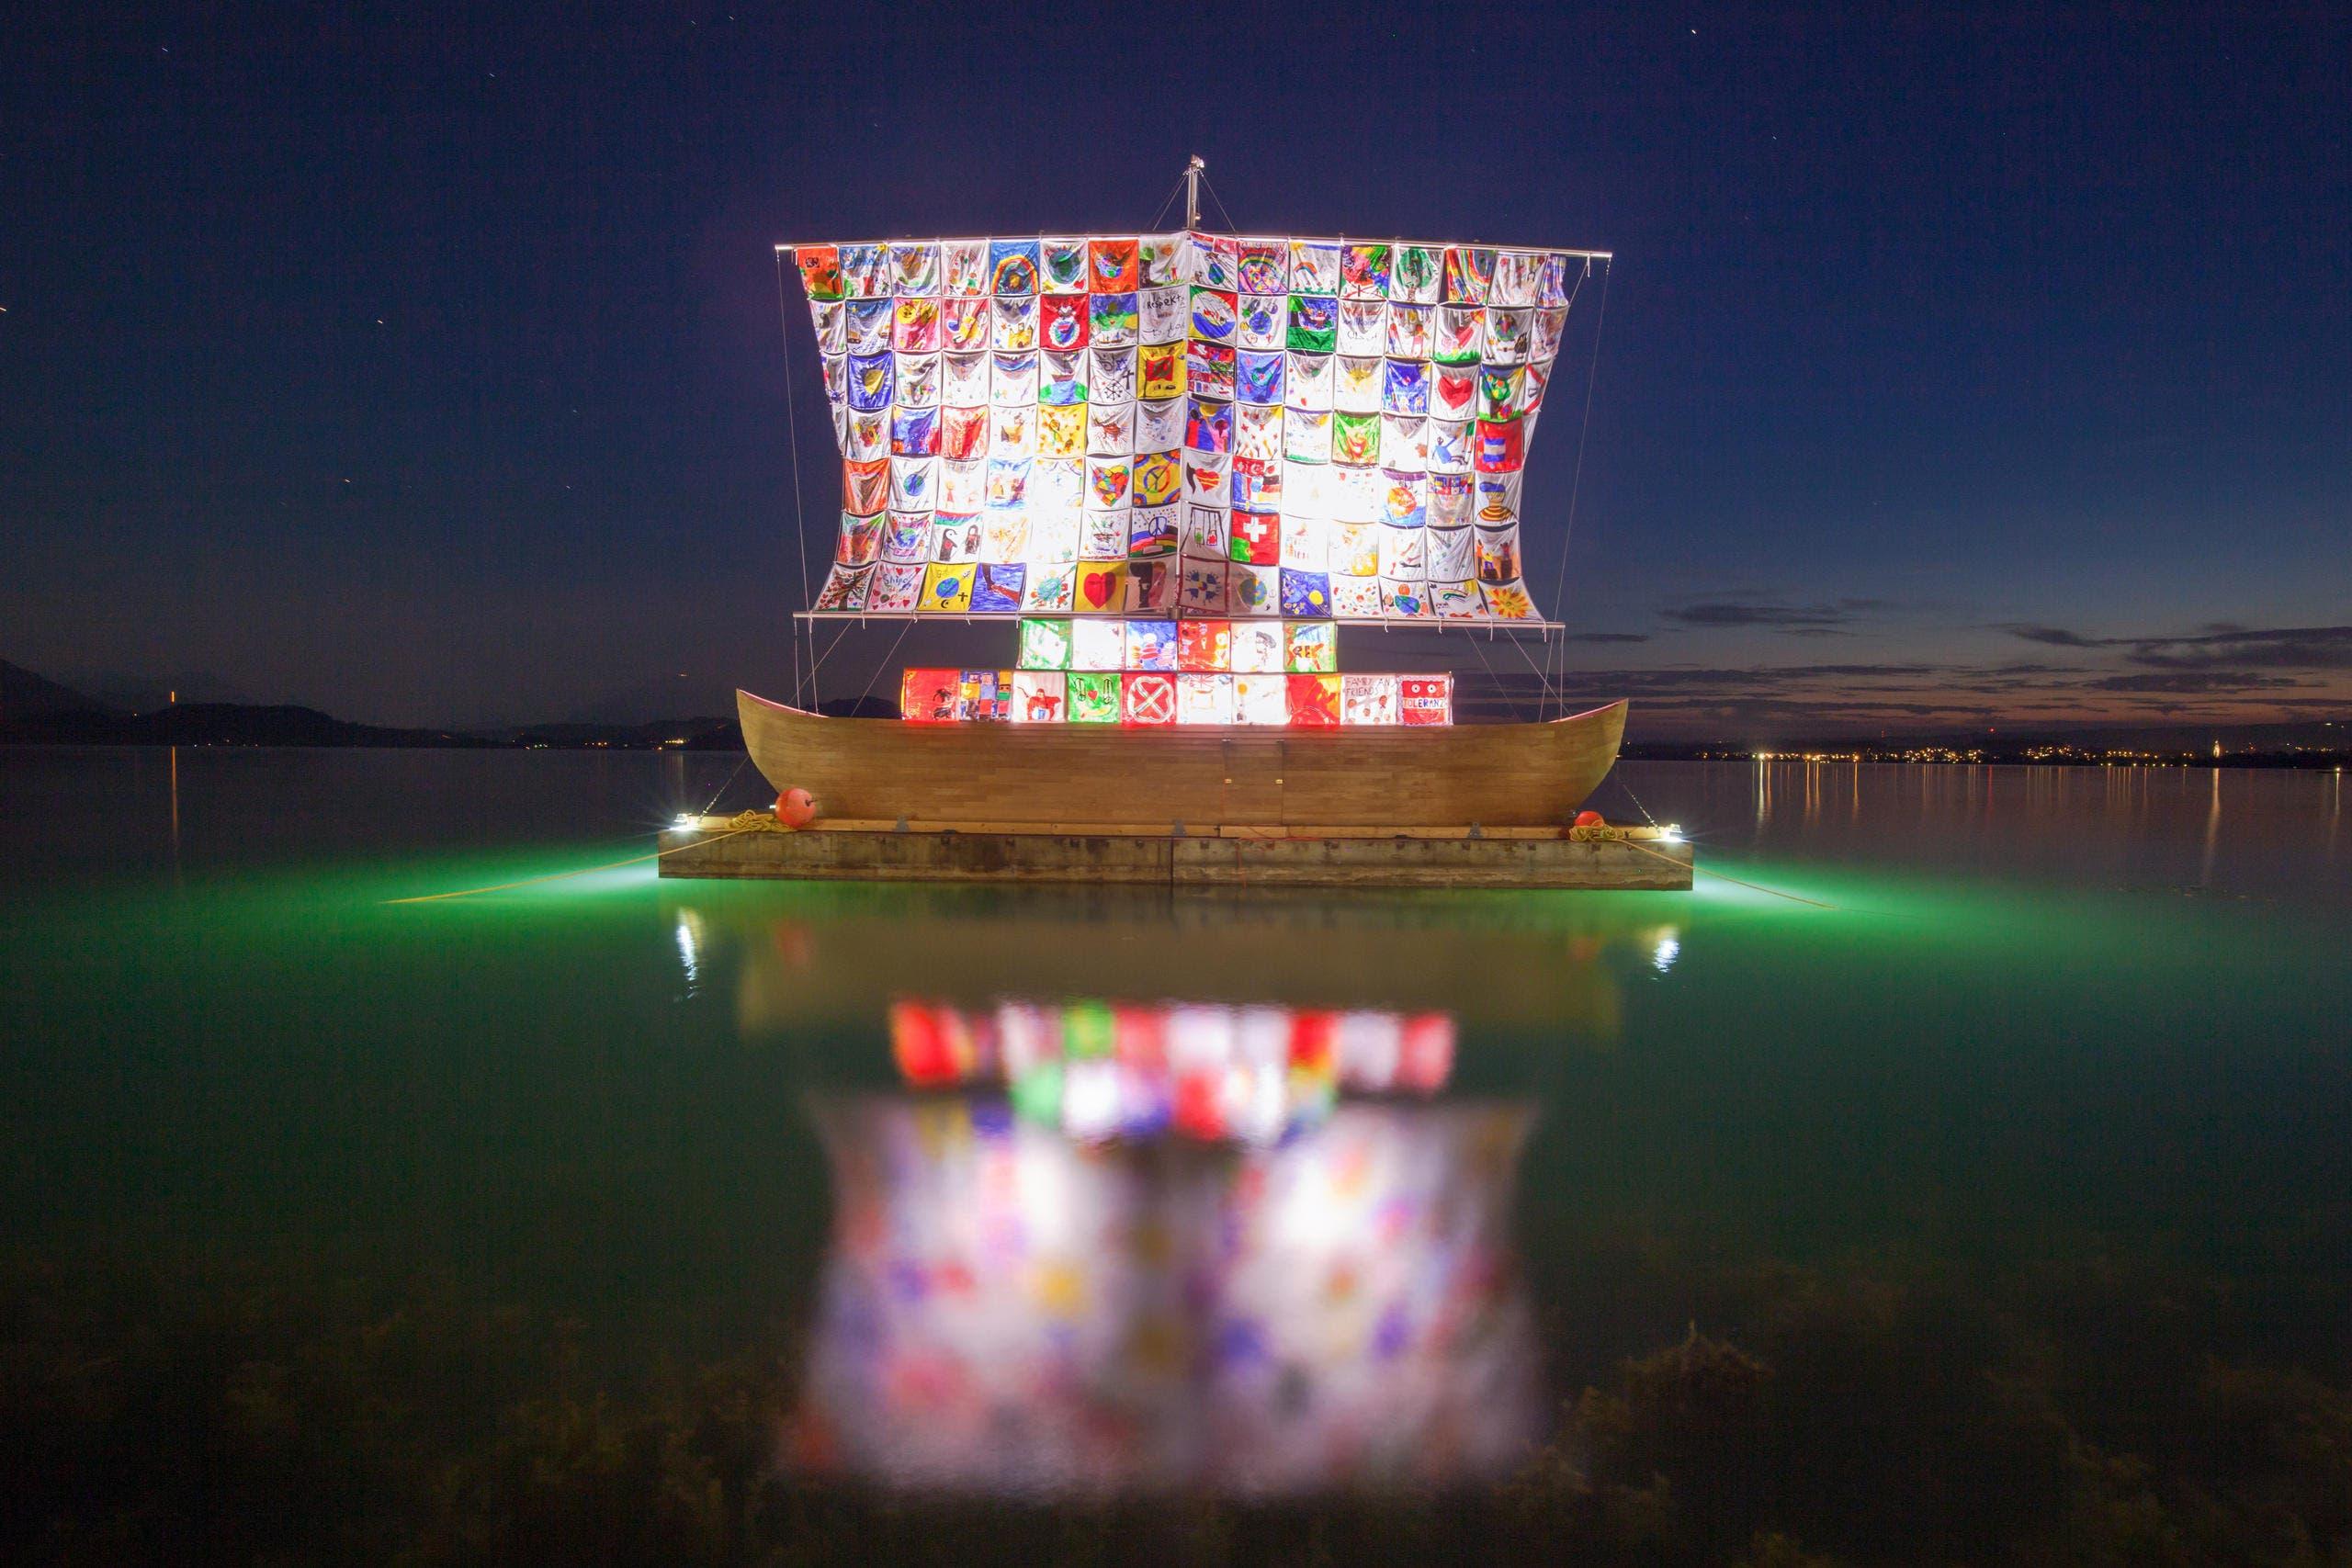 Das «Ship of Tolerance» in der Zuger Vorstadtbucht, fotografiert in der Abenddämmerung. (Bild: Leser Daniel Hegglin)